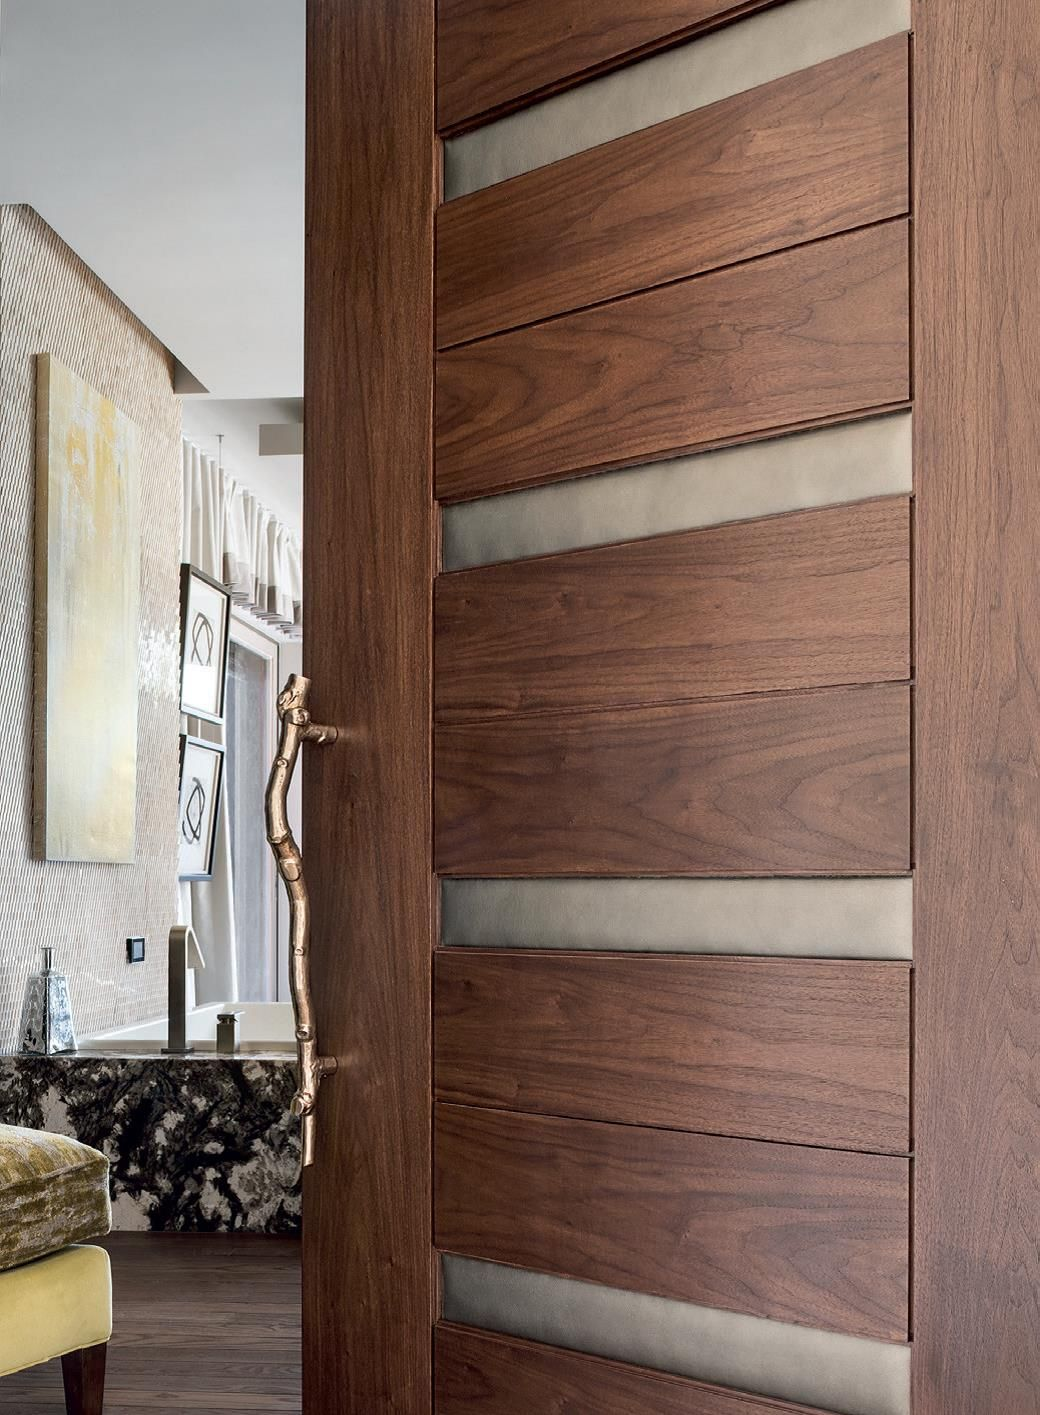 27 Nice Wooden Bathroom Doors Decor Walnut Wooden Trustile Doors With Leather Insert For In Keyword Bathroom Door Design Modern Modern Door Door Design